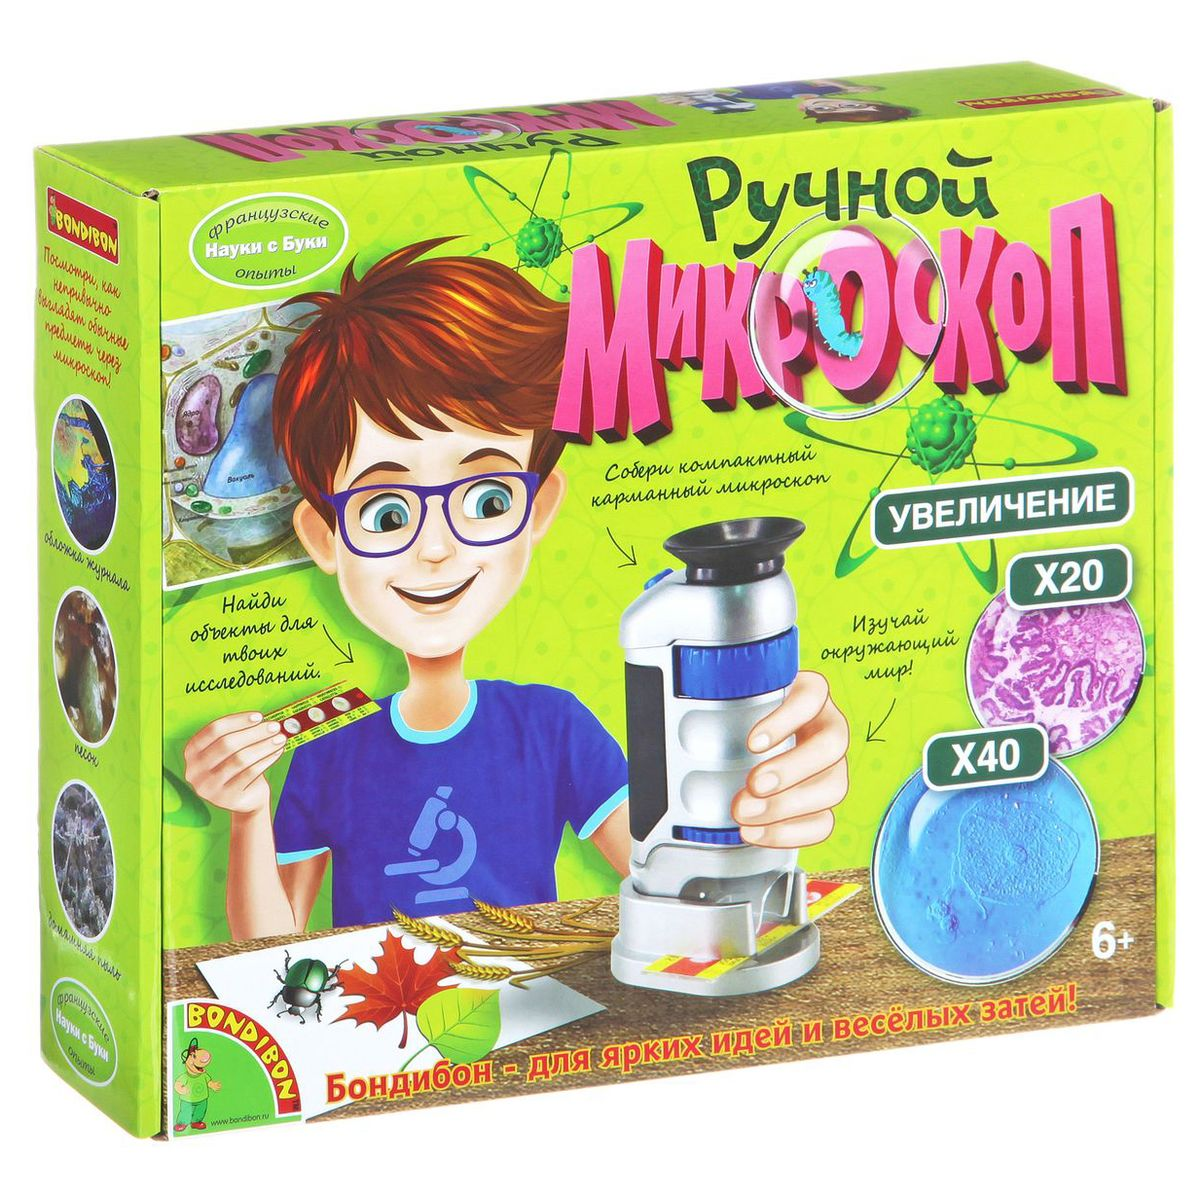 Bondibon Набор для опытов Ручной микроскоп игра bondibon объектив микроскоп на камеру смартфона вв2335